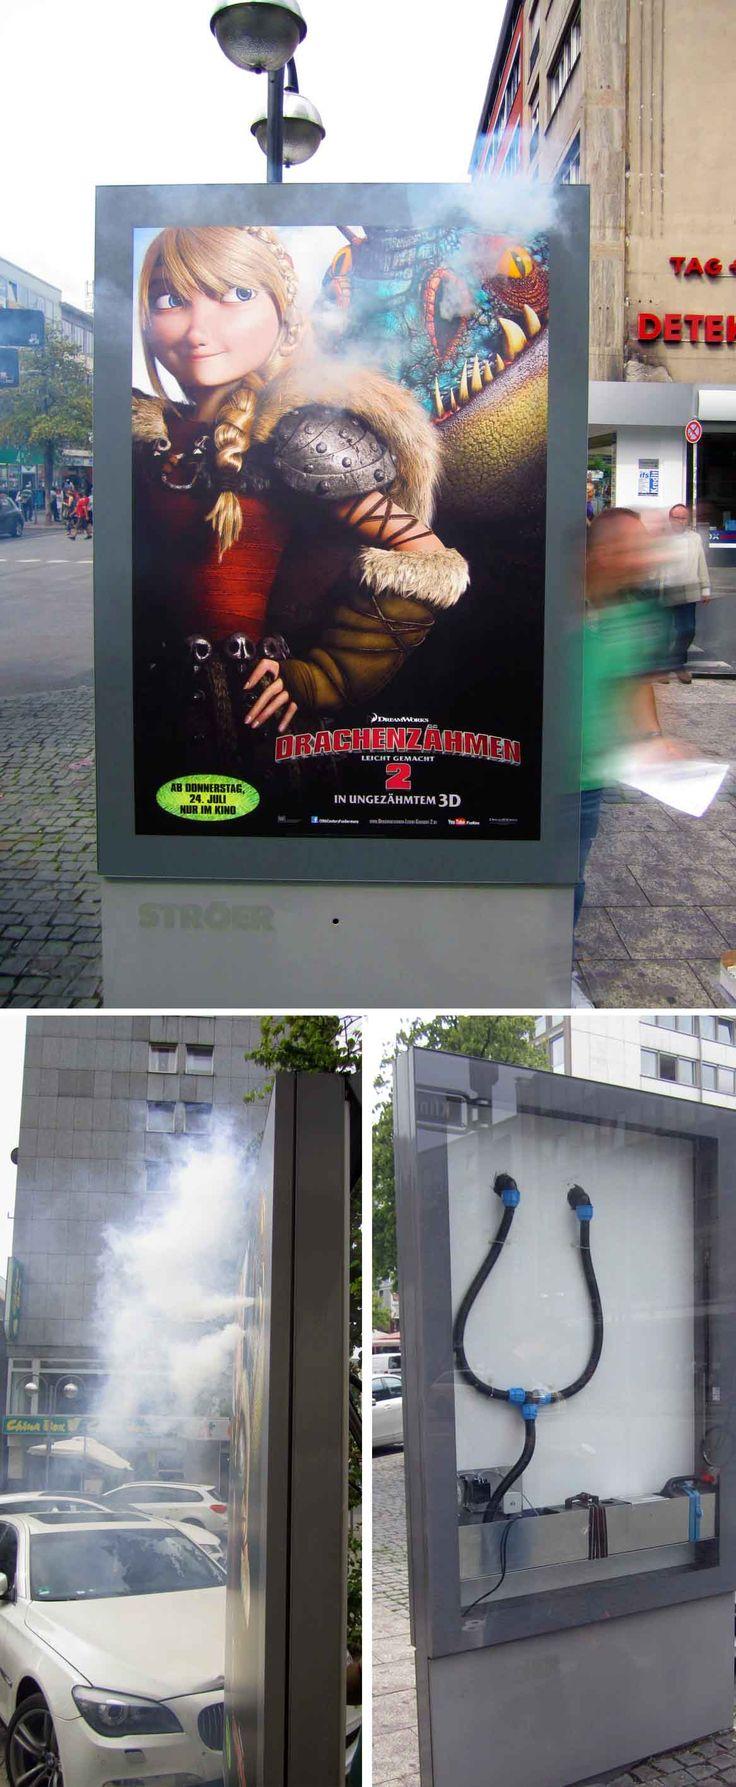 """#Special Ad #Sonderumsetzung für den Kino-Film  """"Drachenzähmen leicht gemacht 2"""". Eine Nebelmaschine sorgt dafür, dass - so wie es sich für Drachen gehört - Rauch aus den Nasenlöchern kommt. Standort: Frankfurt a.M., Juli 2014 #City-Light-Poster"""